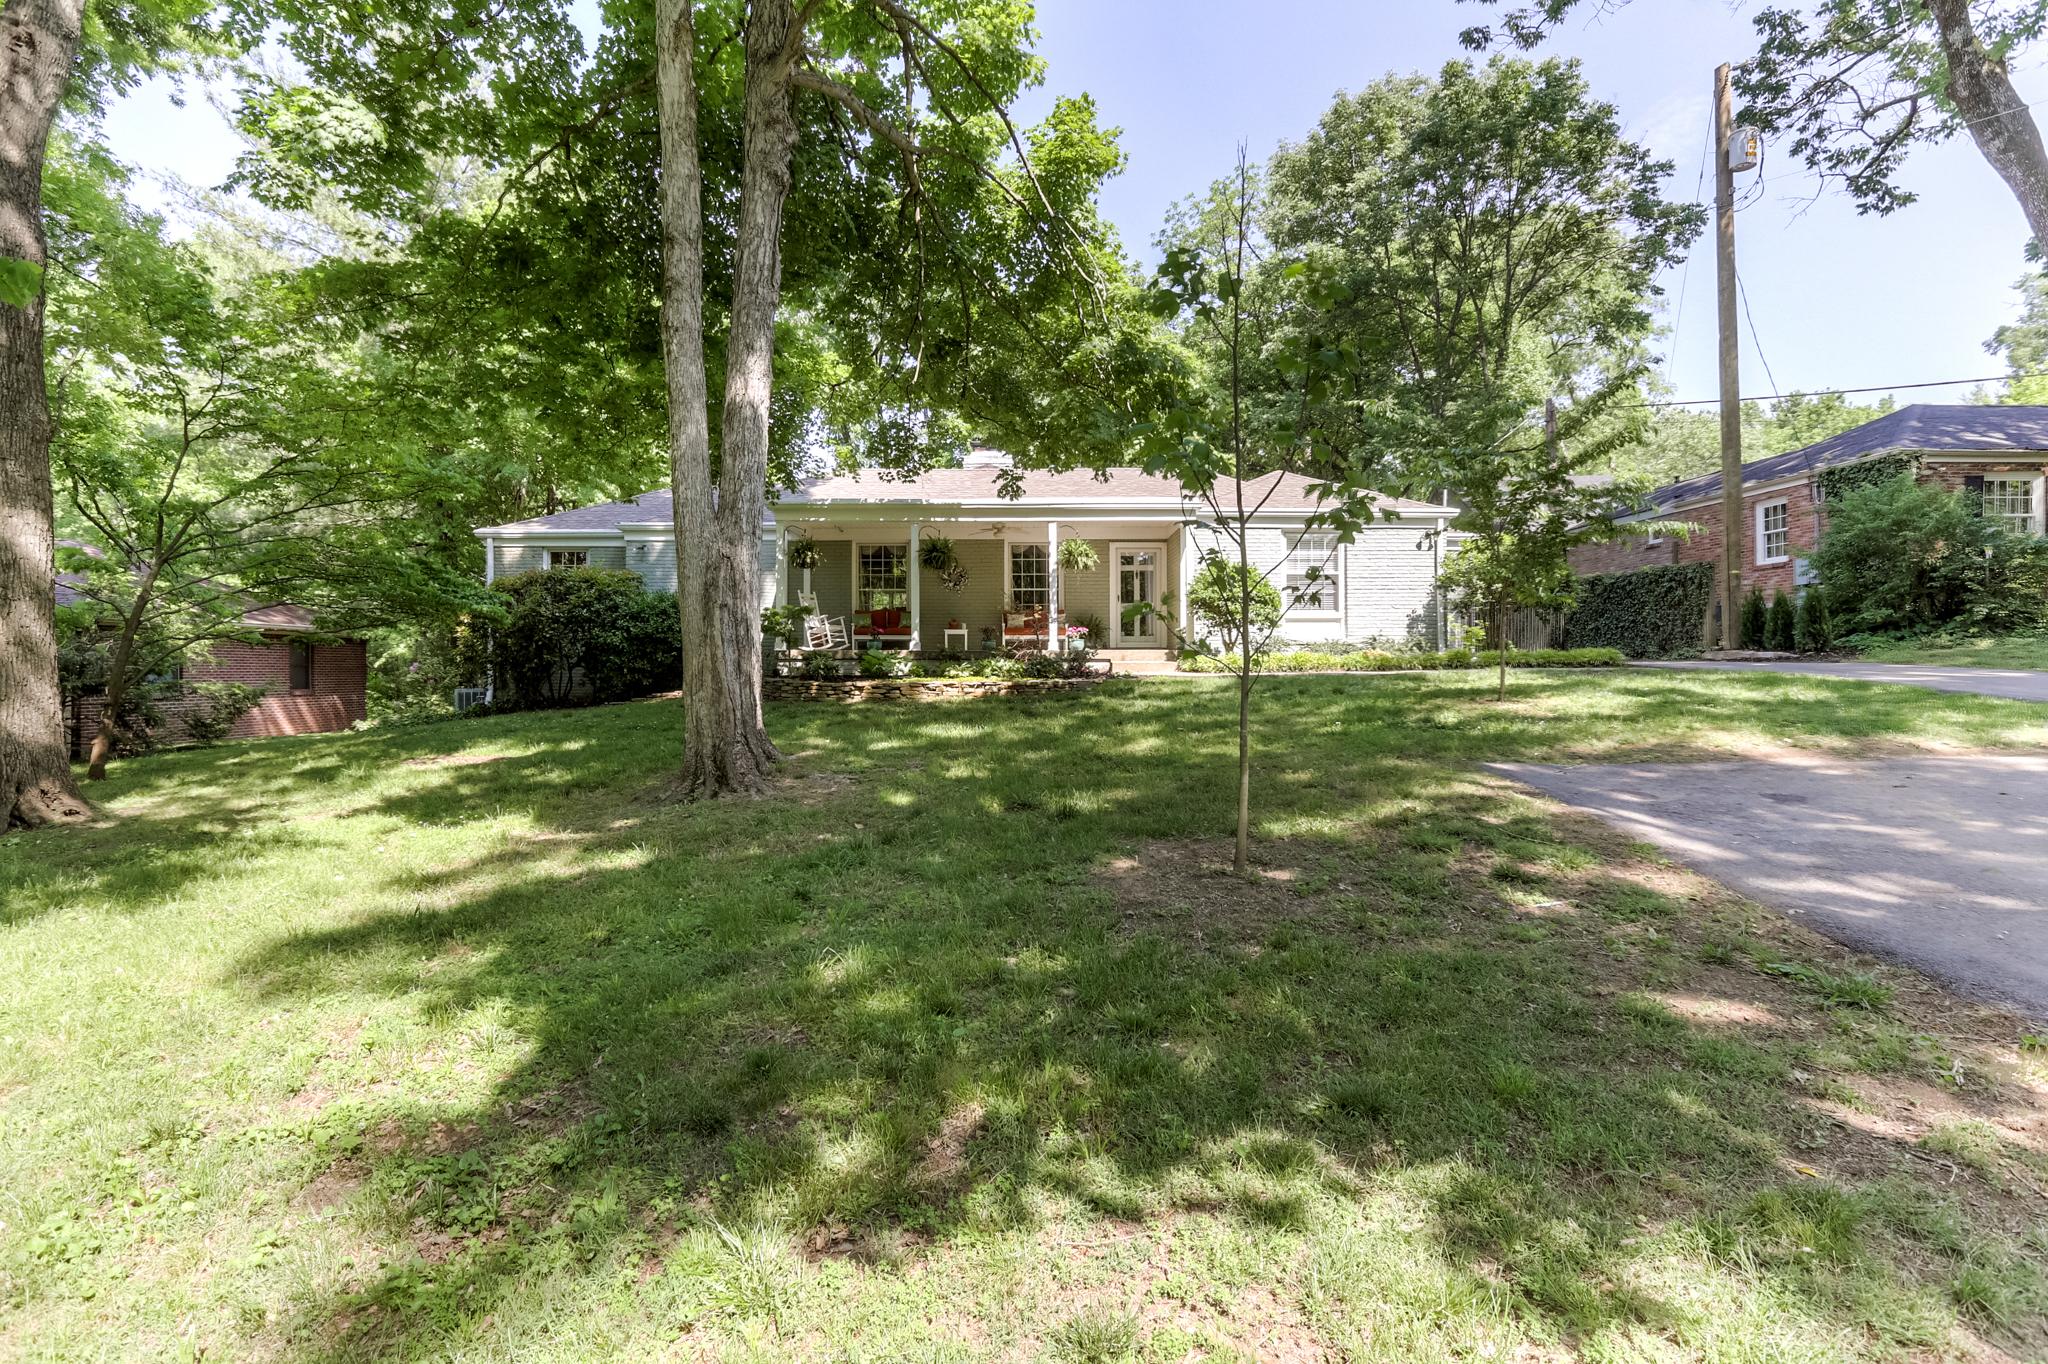 Частный односемейный дом для того Продажа на Renovated Green Hills Home 4004 Wallace Lane Green Hills, Nashville, Теннесси, 37215 Соединенные Штаты